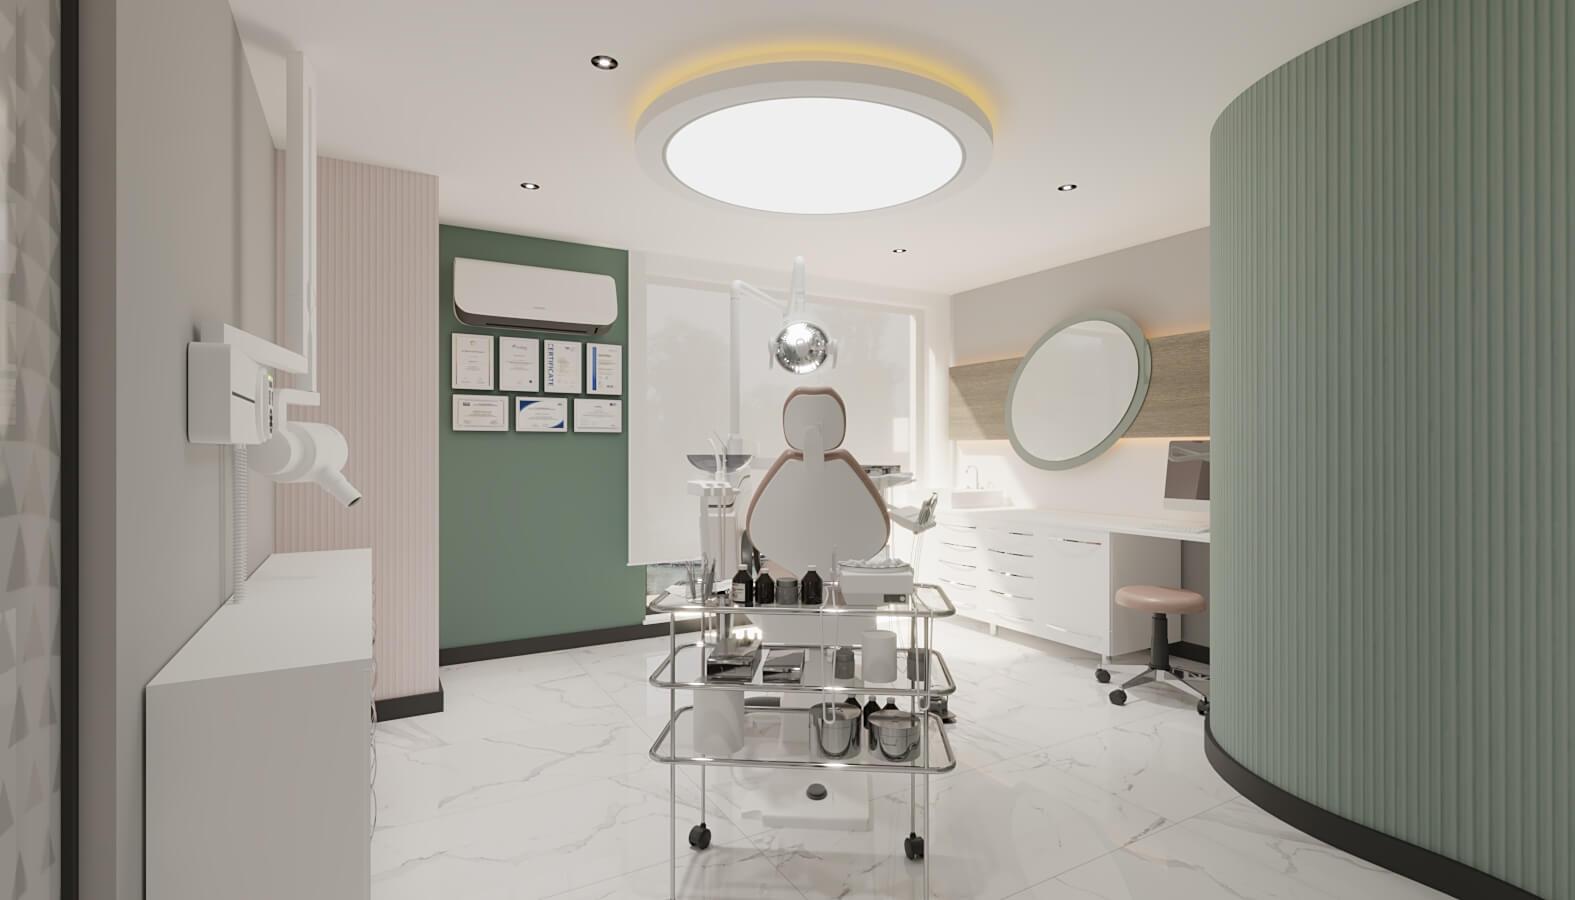 Diş kliniği 4555 Ankara Diş Kliniği Tasarımı Sağlık